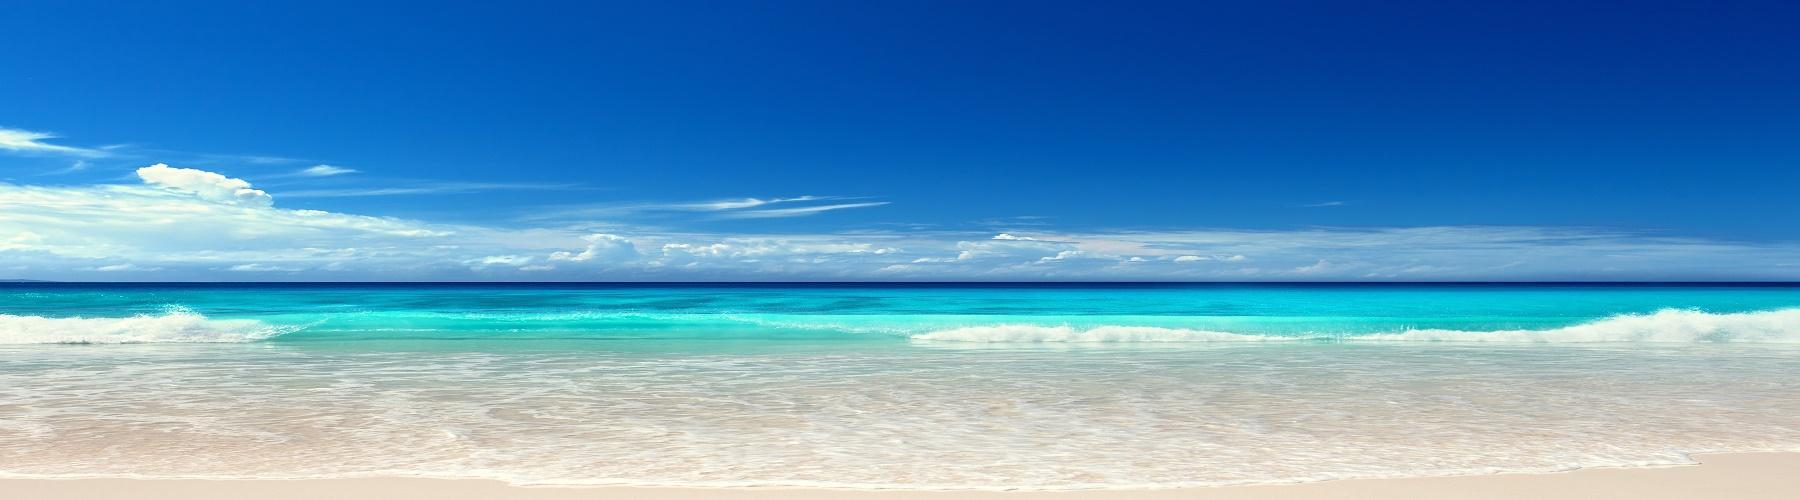 Самые известные пляжи Мексики